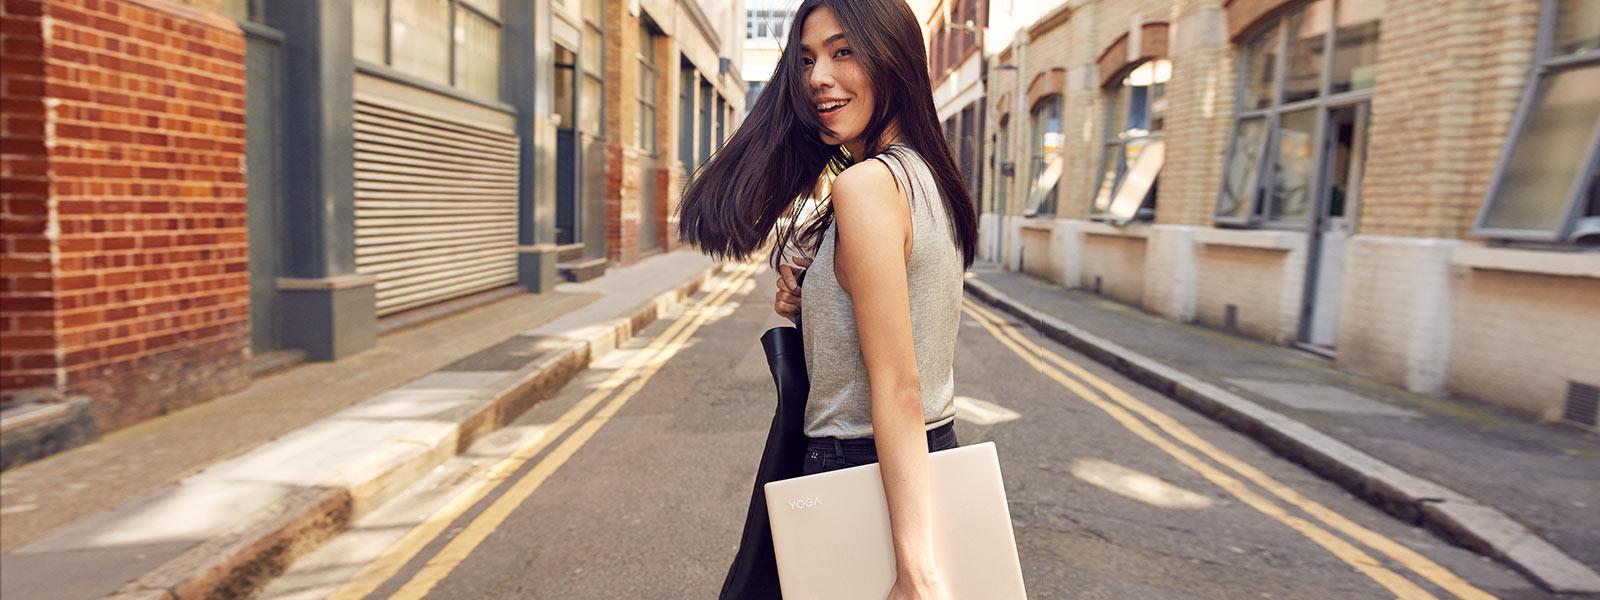 Donna che cammina per strada con Lenovo YOGA 910